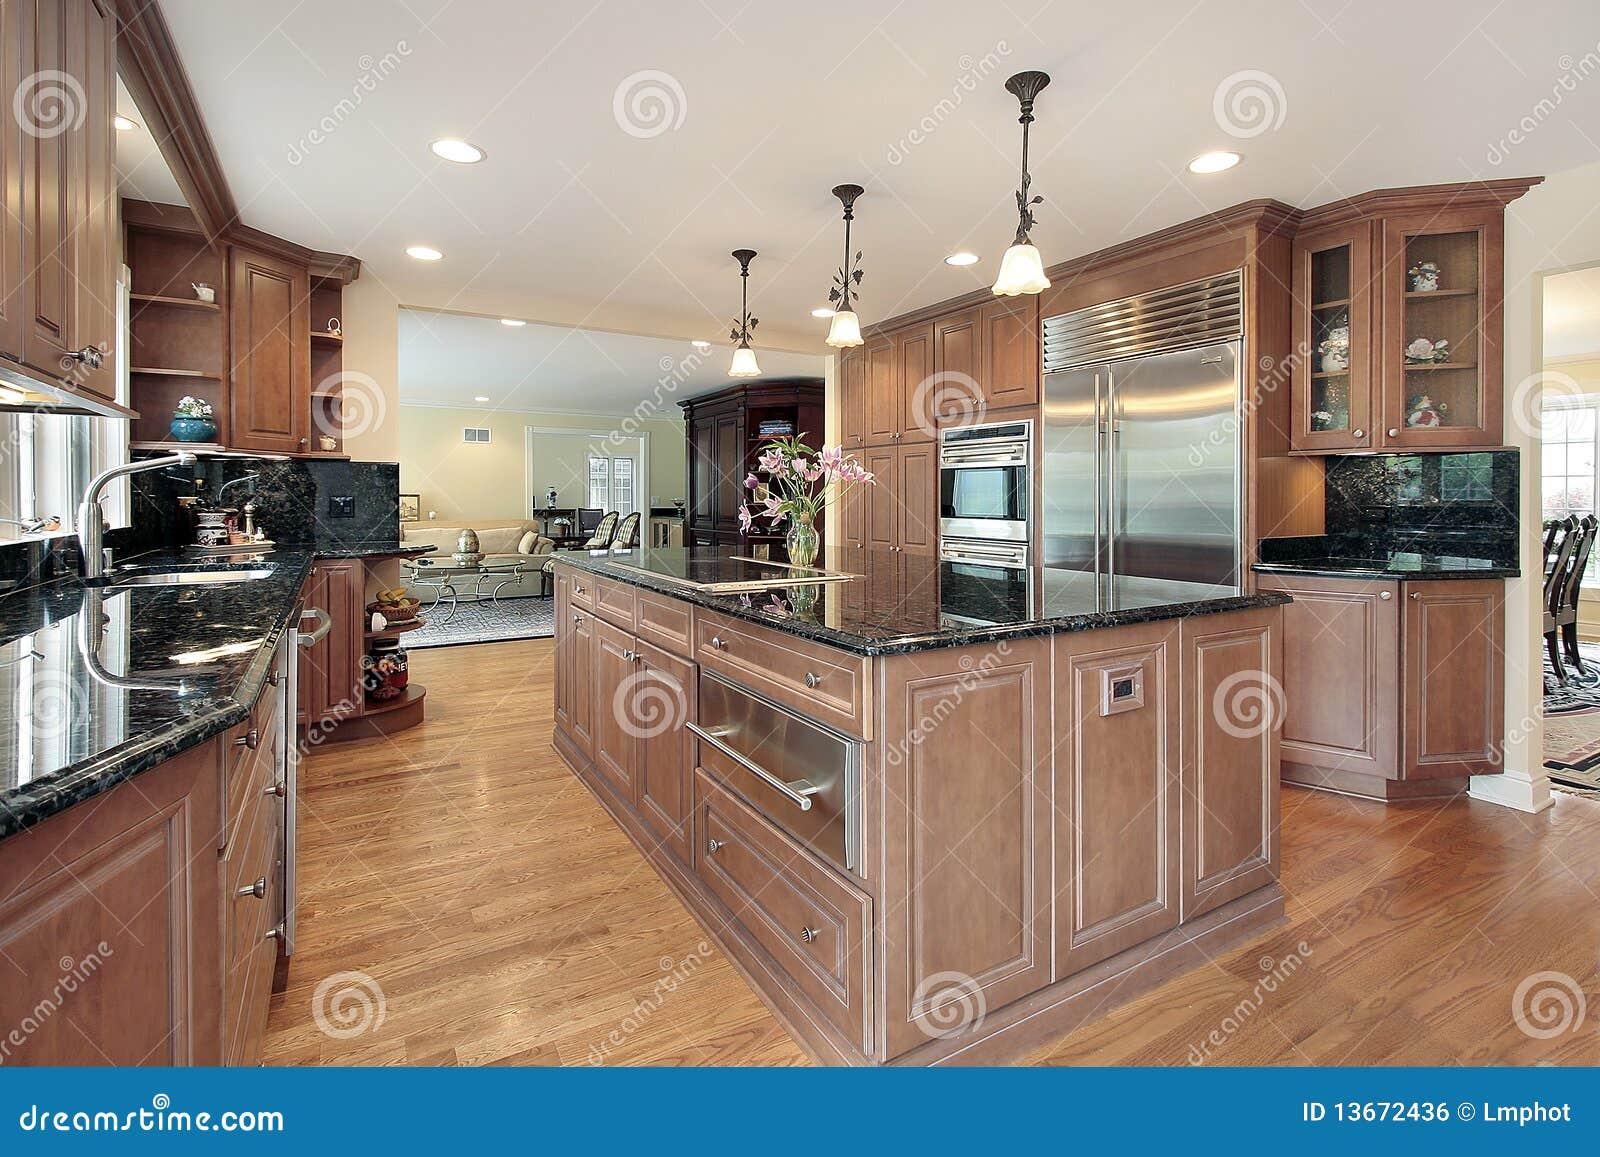 Marmer Zwart Keuken : Keuken met zwarte marmeren countertops stock foto afbeelding